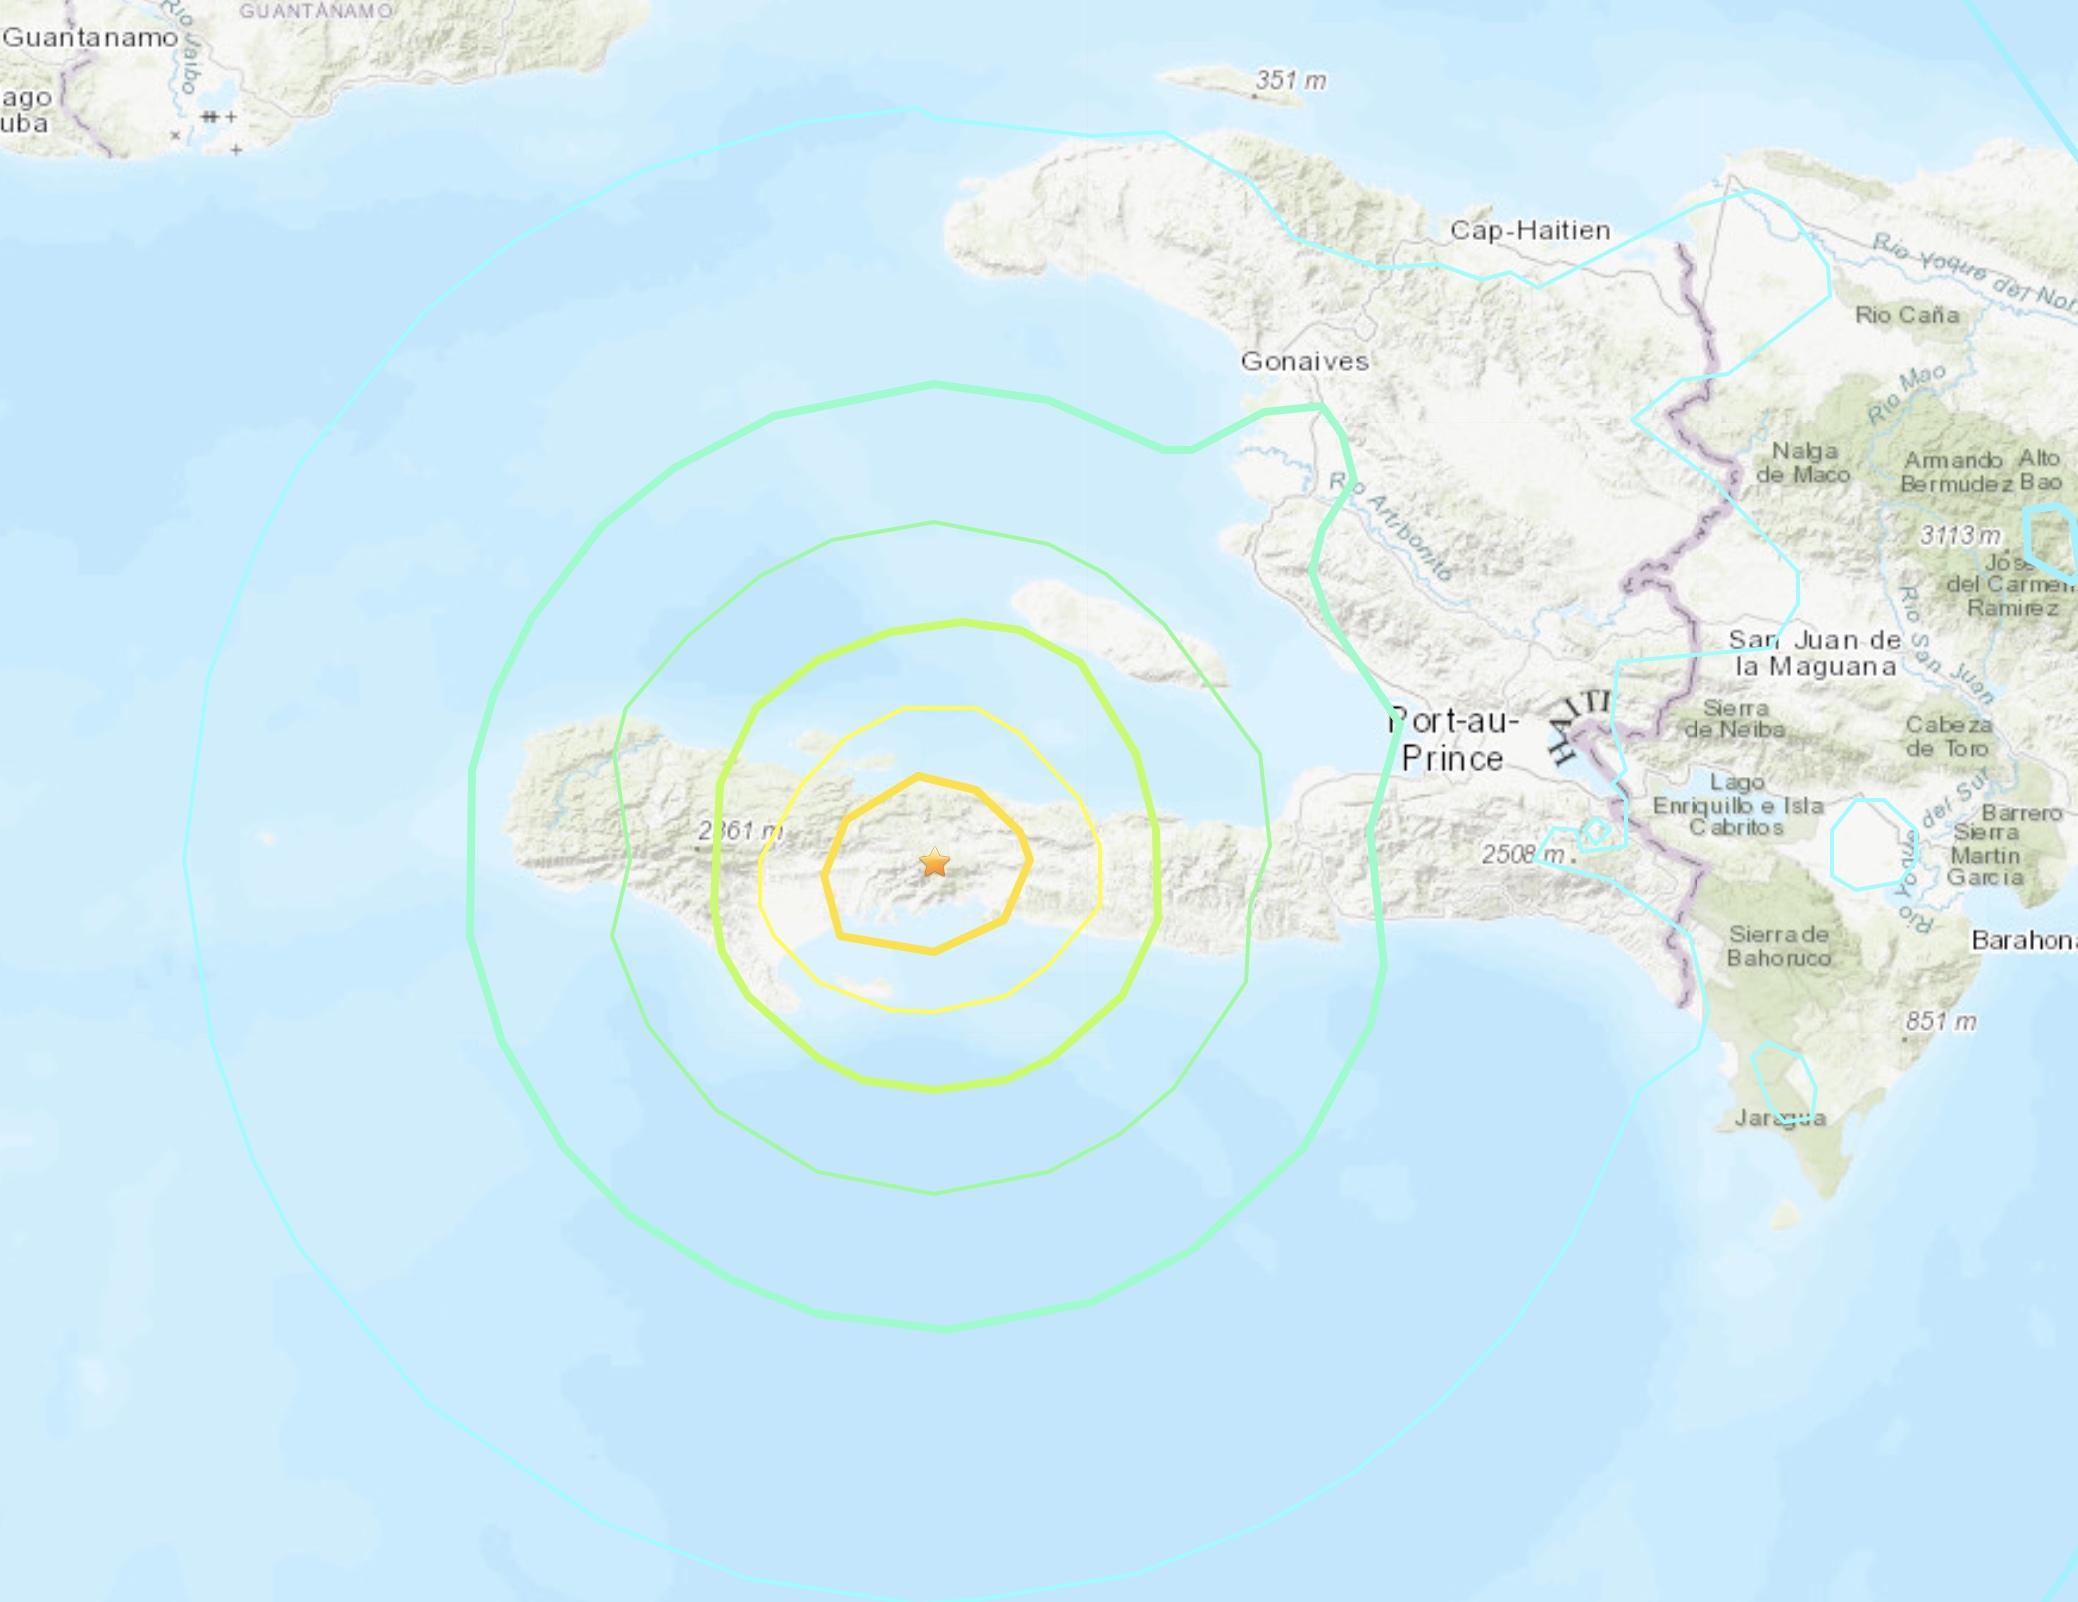 Séisme de magnitude 7.2 en Haïti